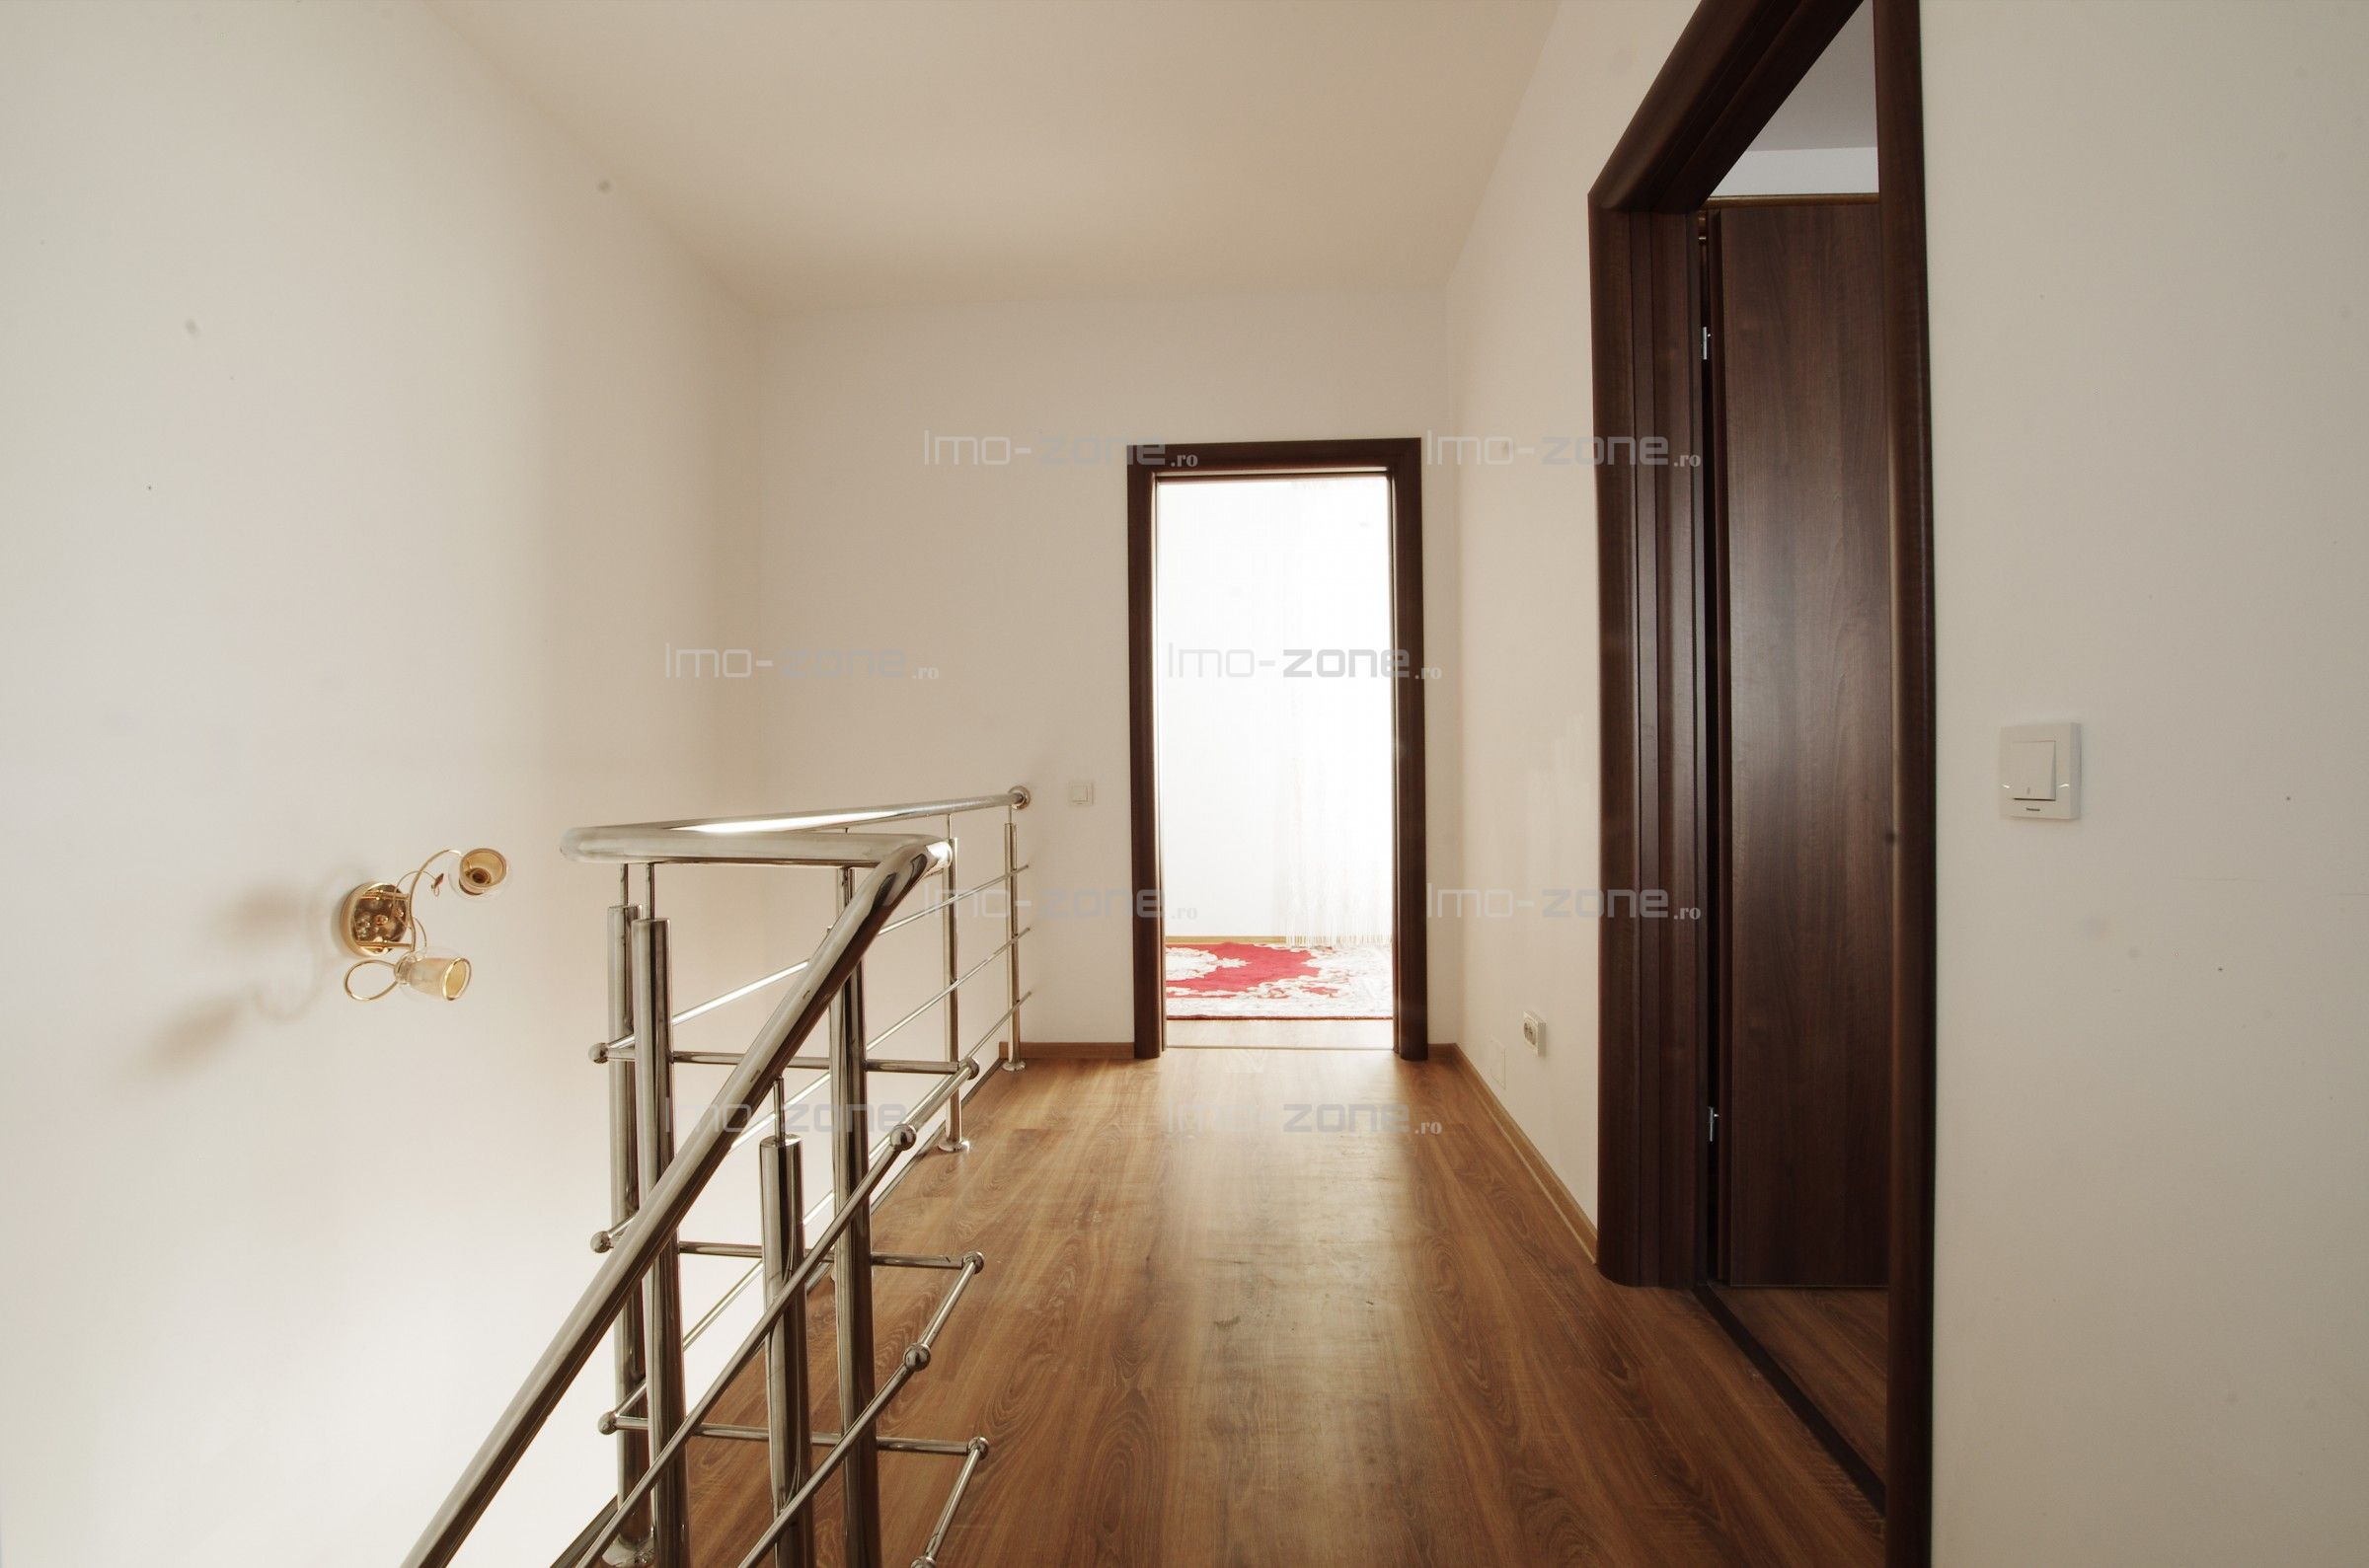 Casă / Vilă cu 3 camere de închiriat în zona Vest